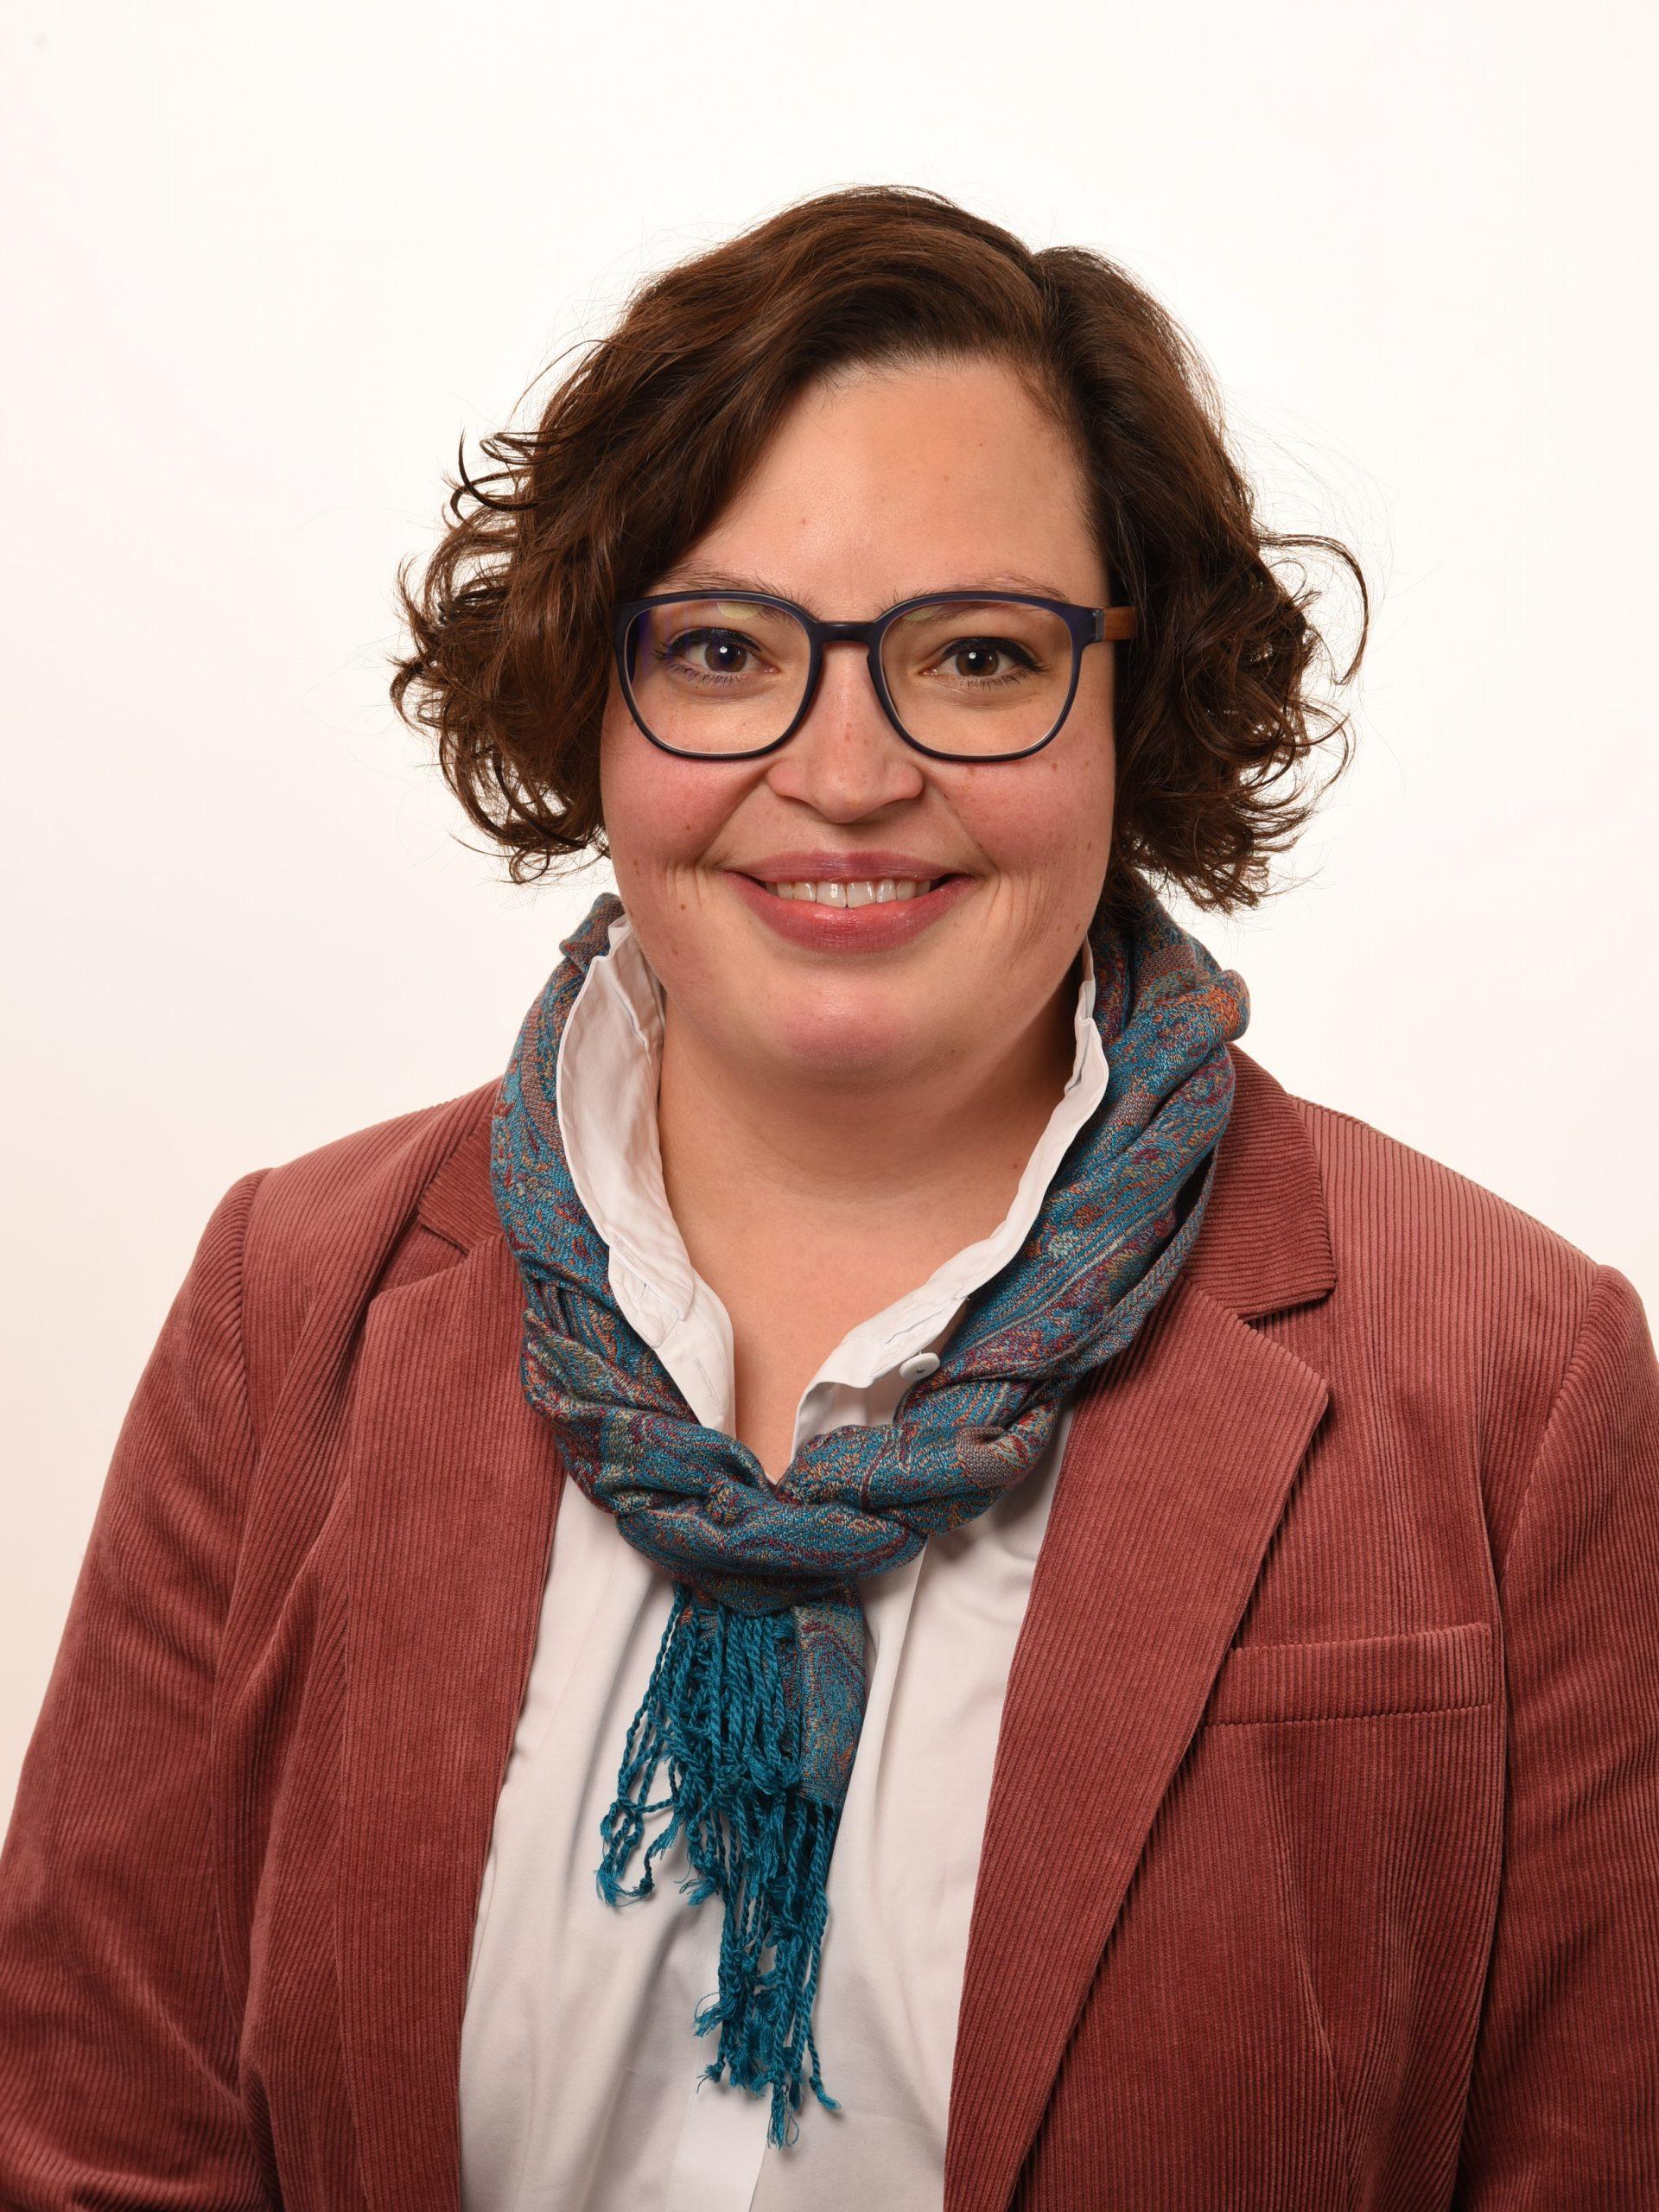 Christina Greinwald